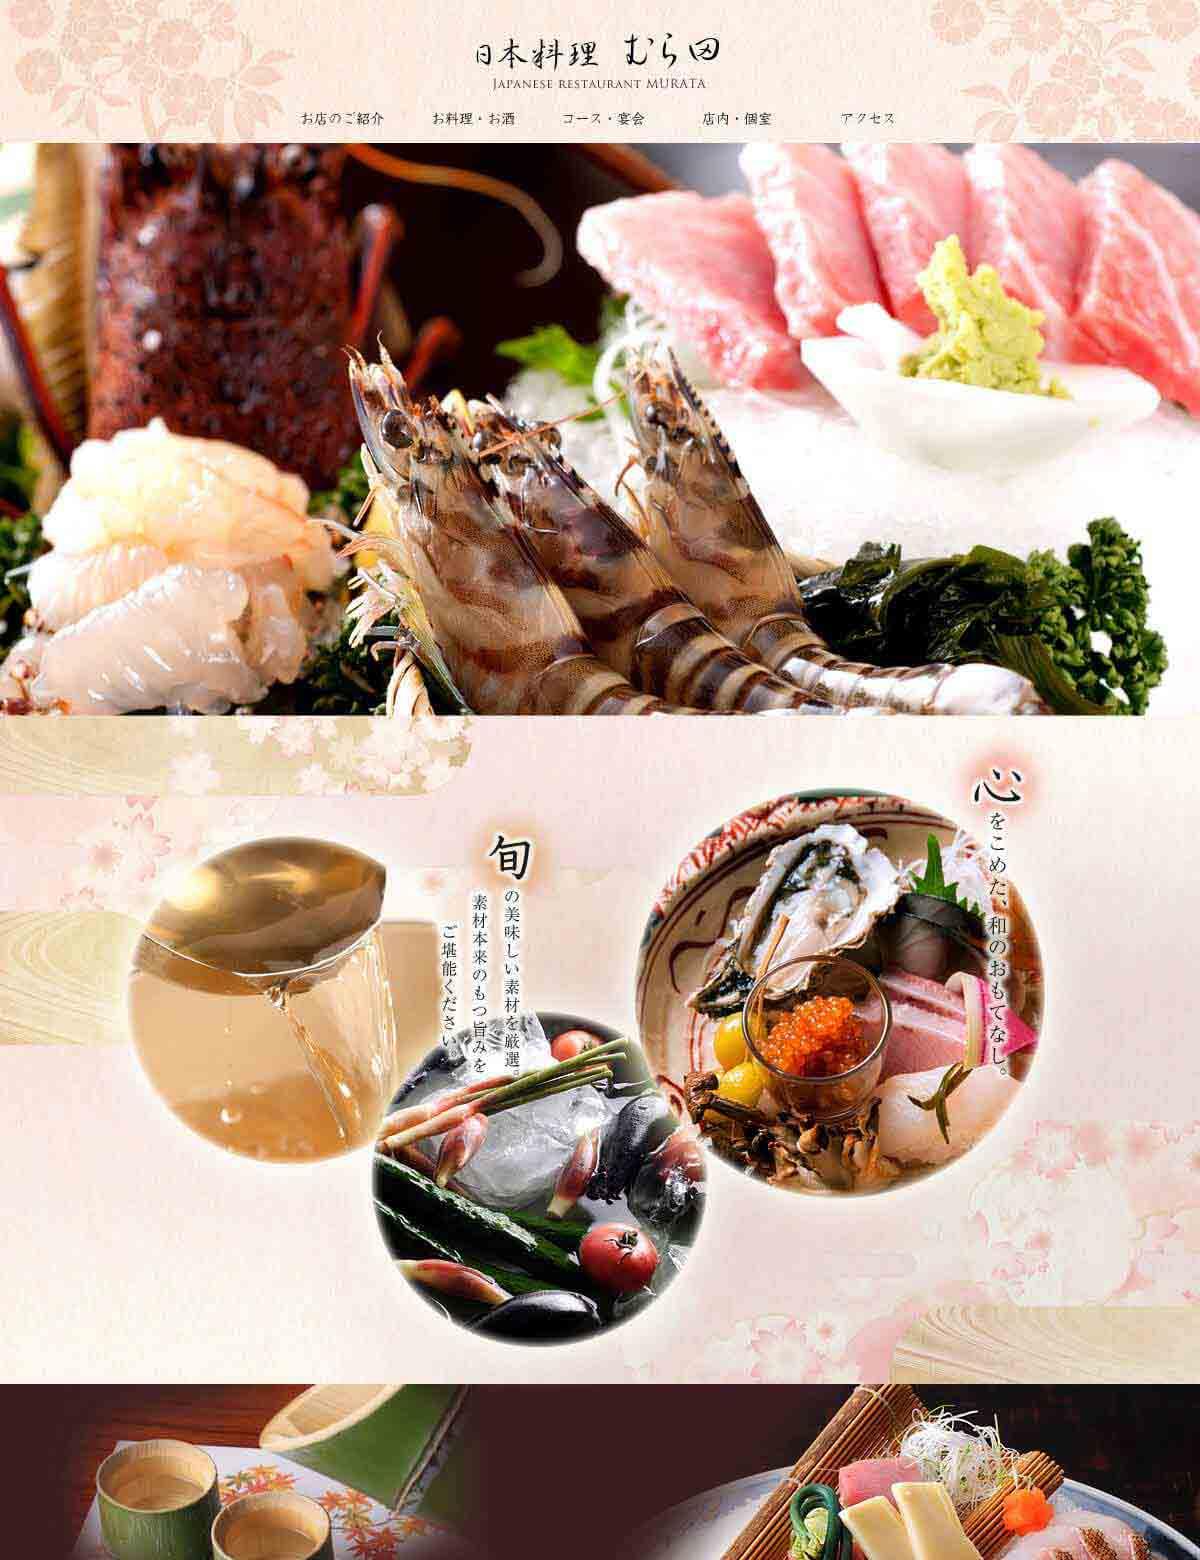 日本食 サンプル画像